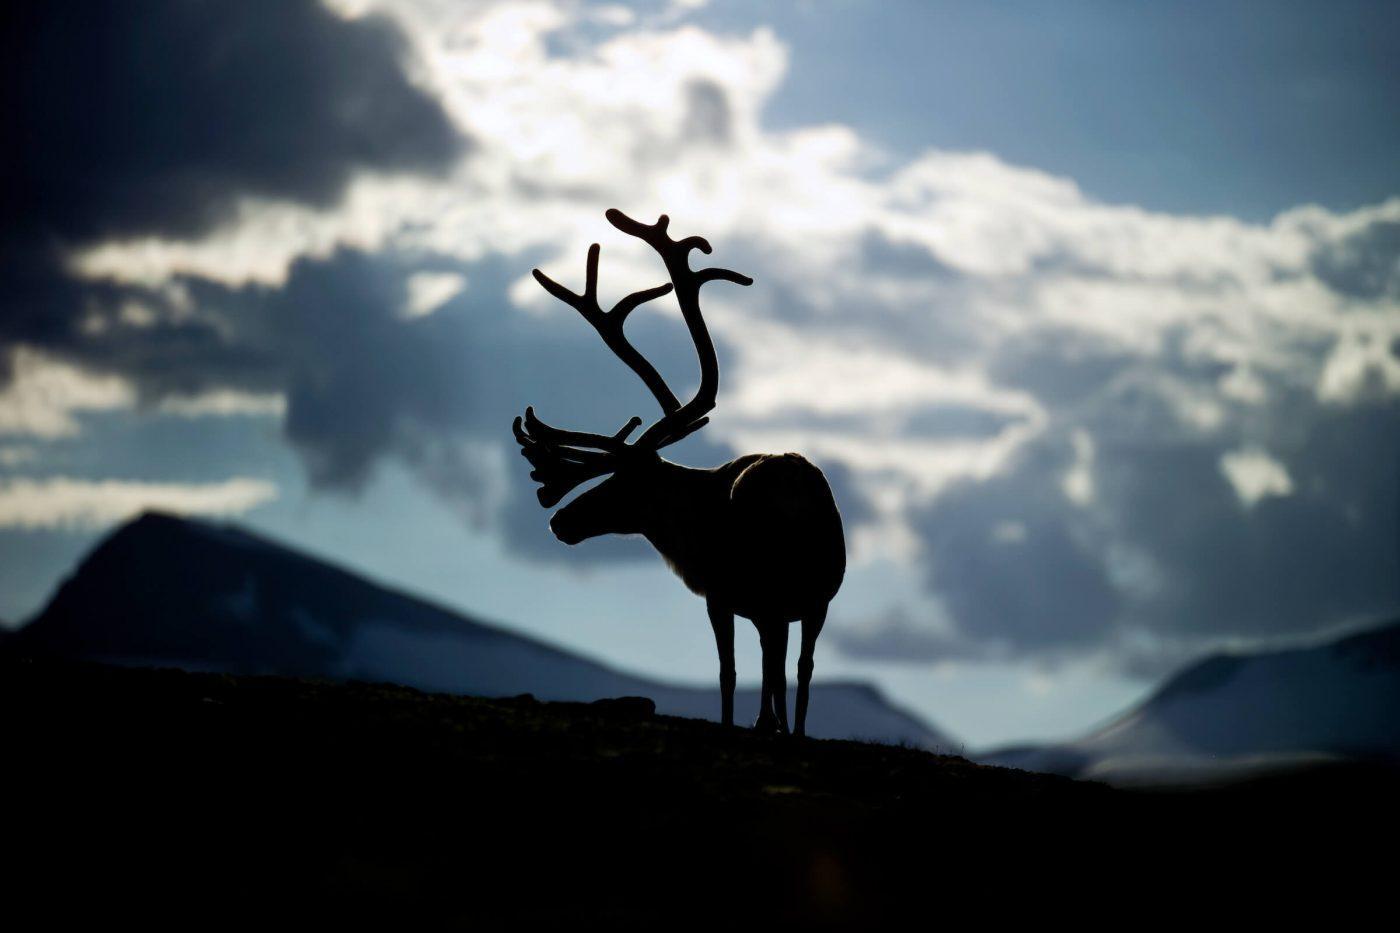 Reindeer in silhouette